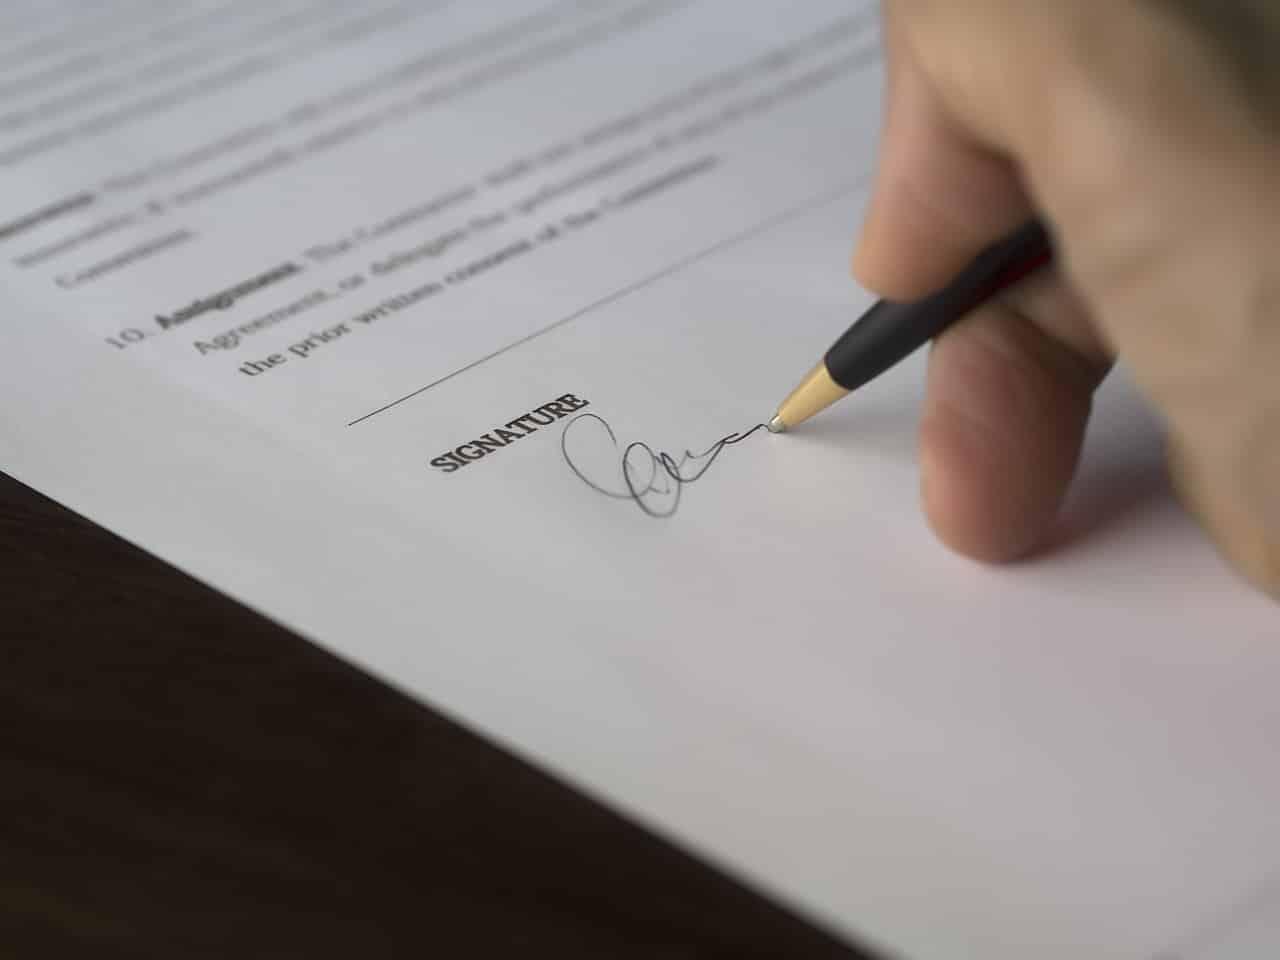 Praca adwokata w praktyce – co warto o niej wiedzieć?